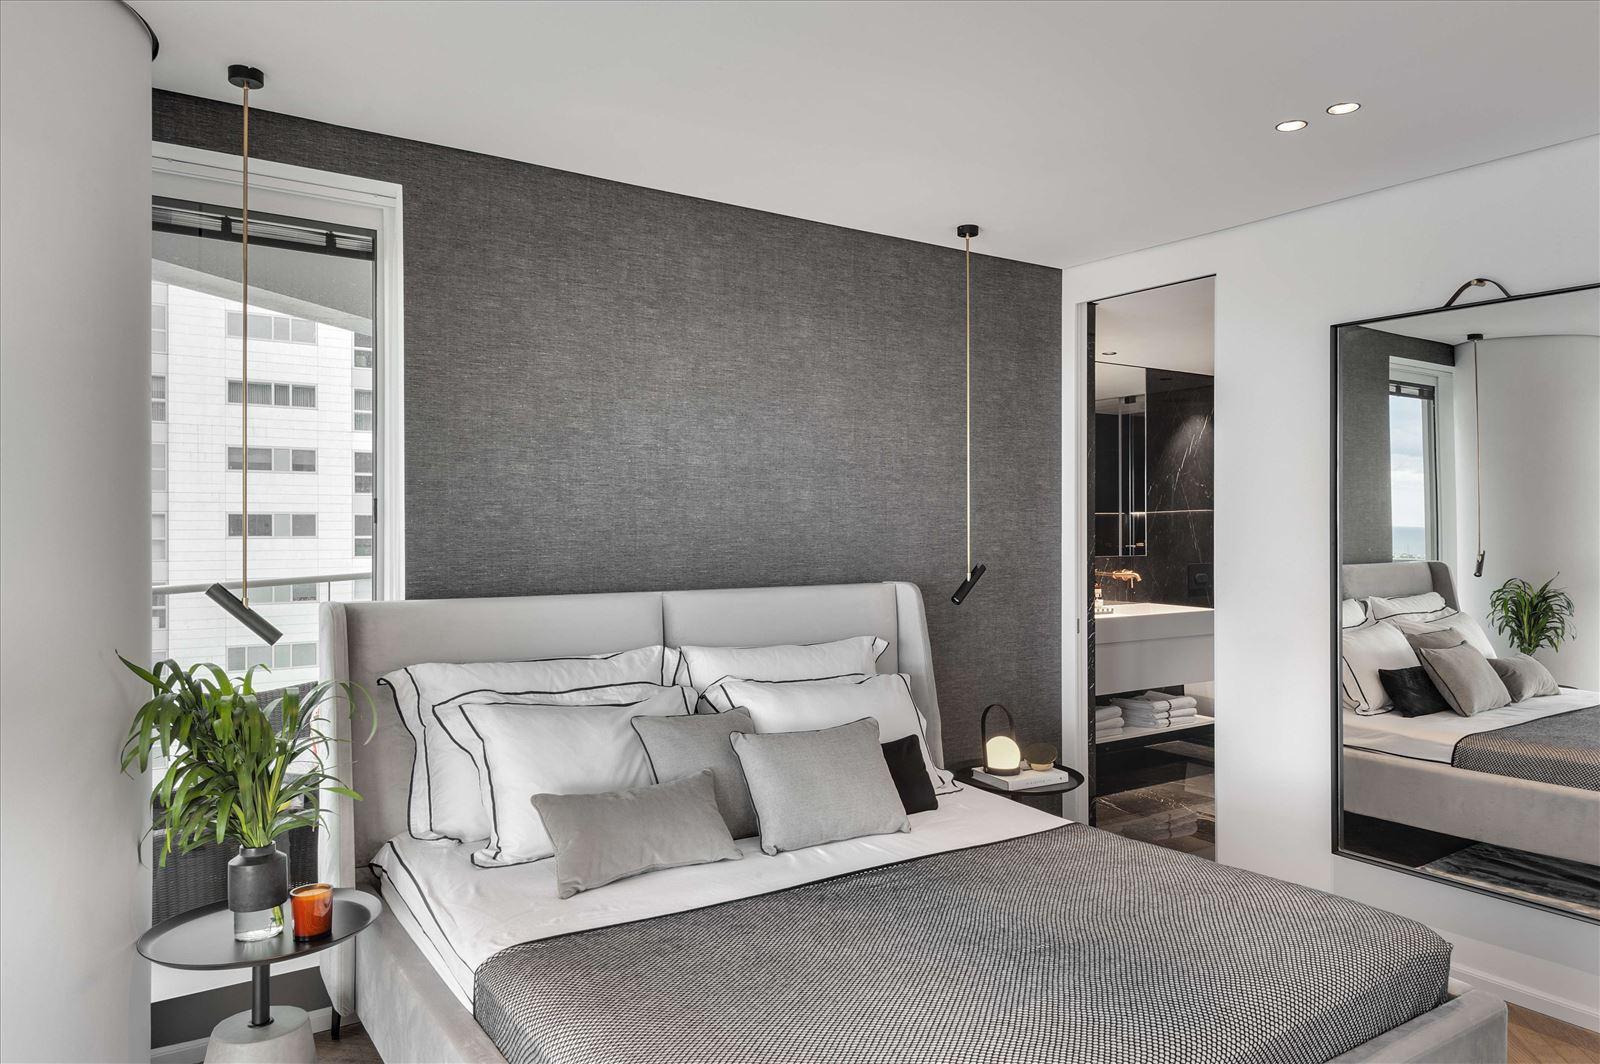 תאורת חדר שינה -פרויקט תאורה בדופלקס על ידי קמחי תאורה